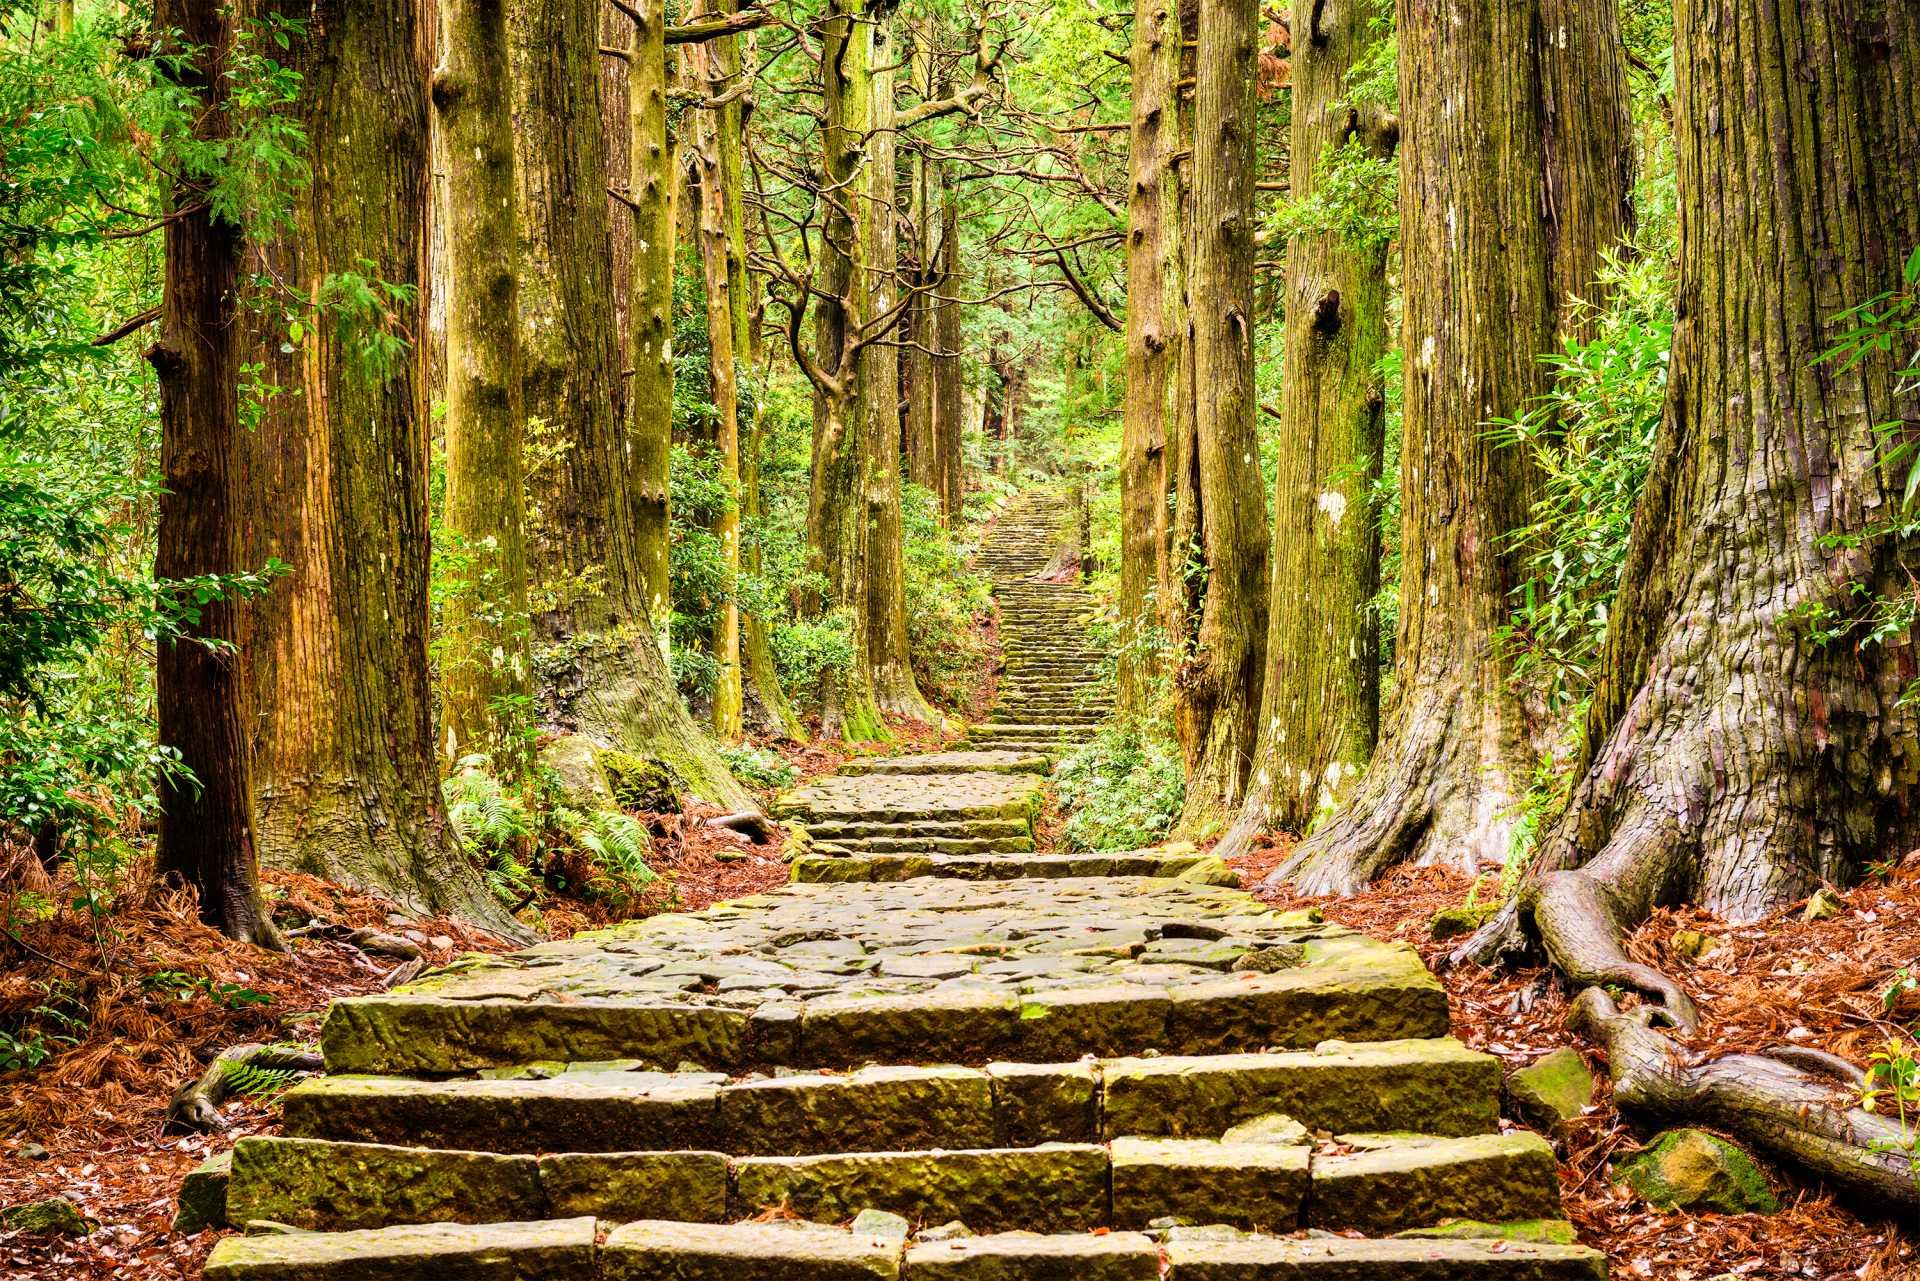 熊野古道、大门坂、世界遗产、石阶、那智山、圣地